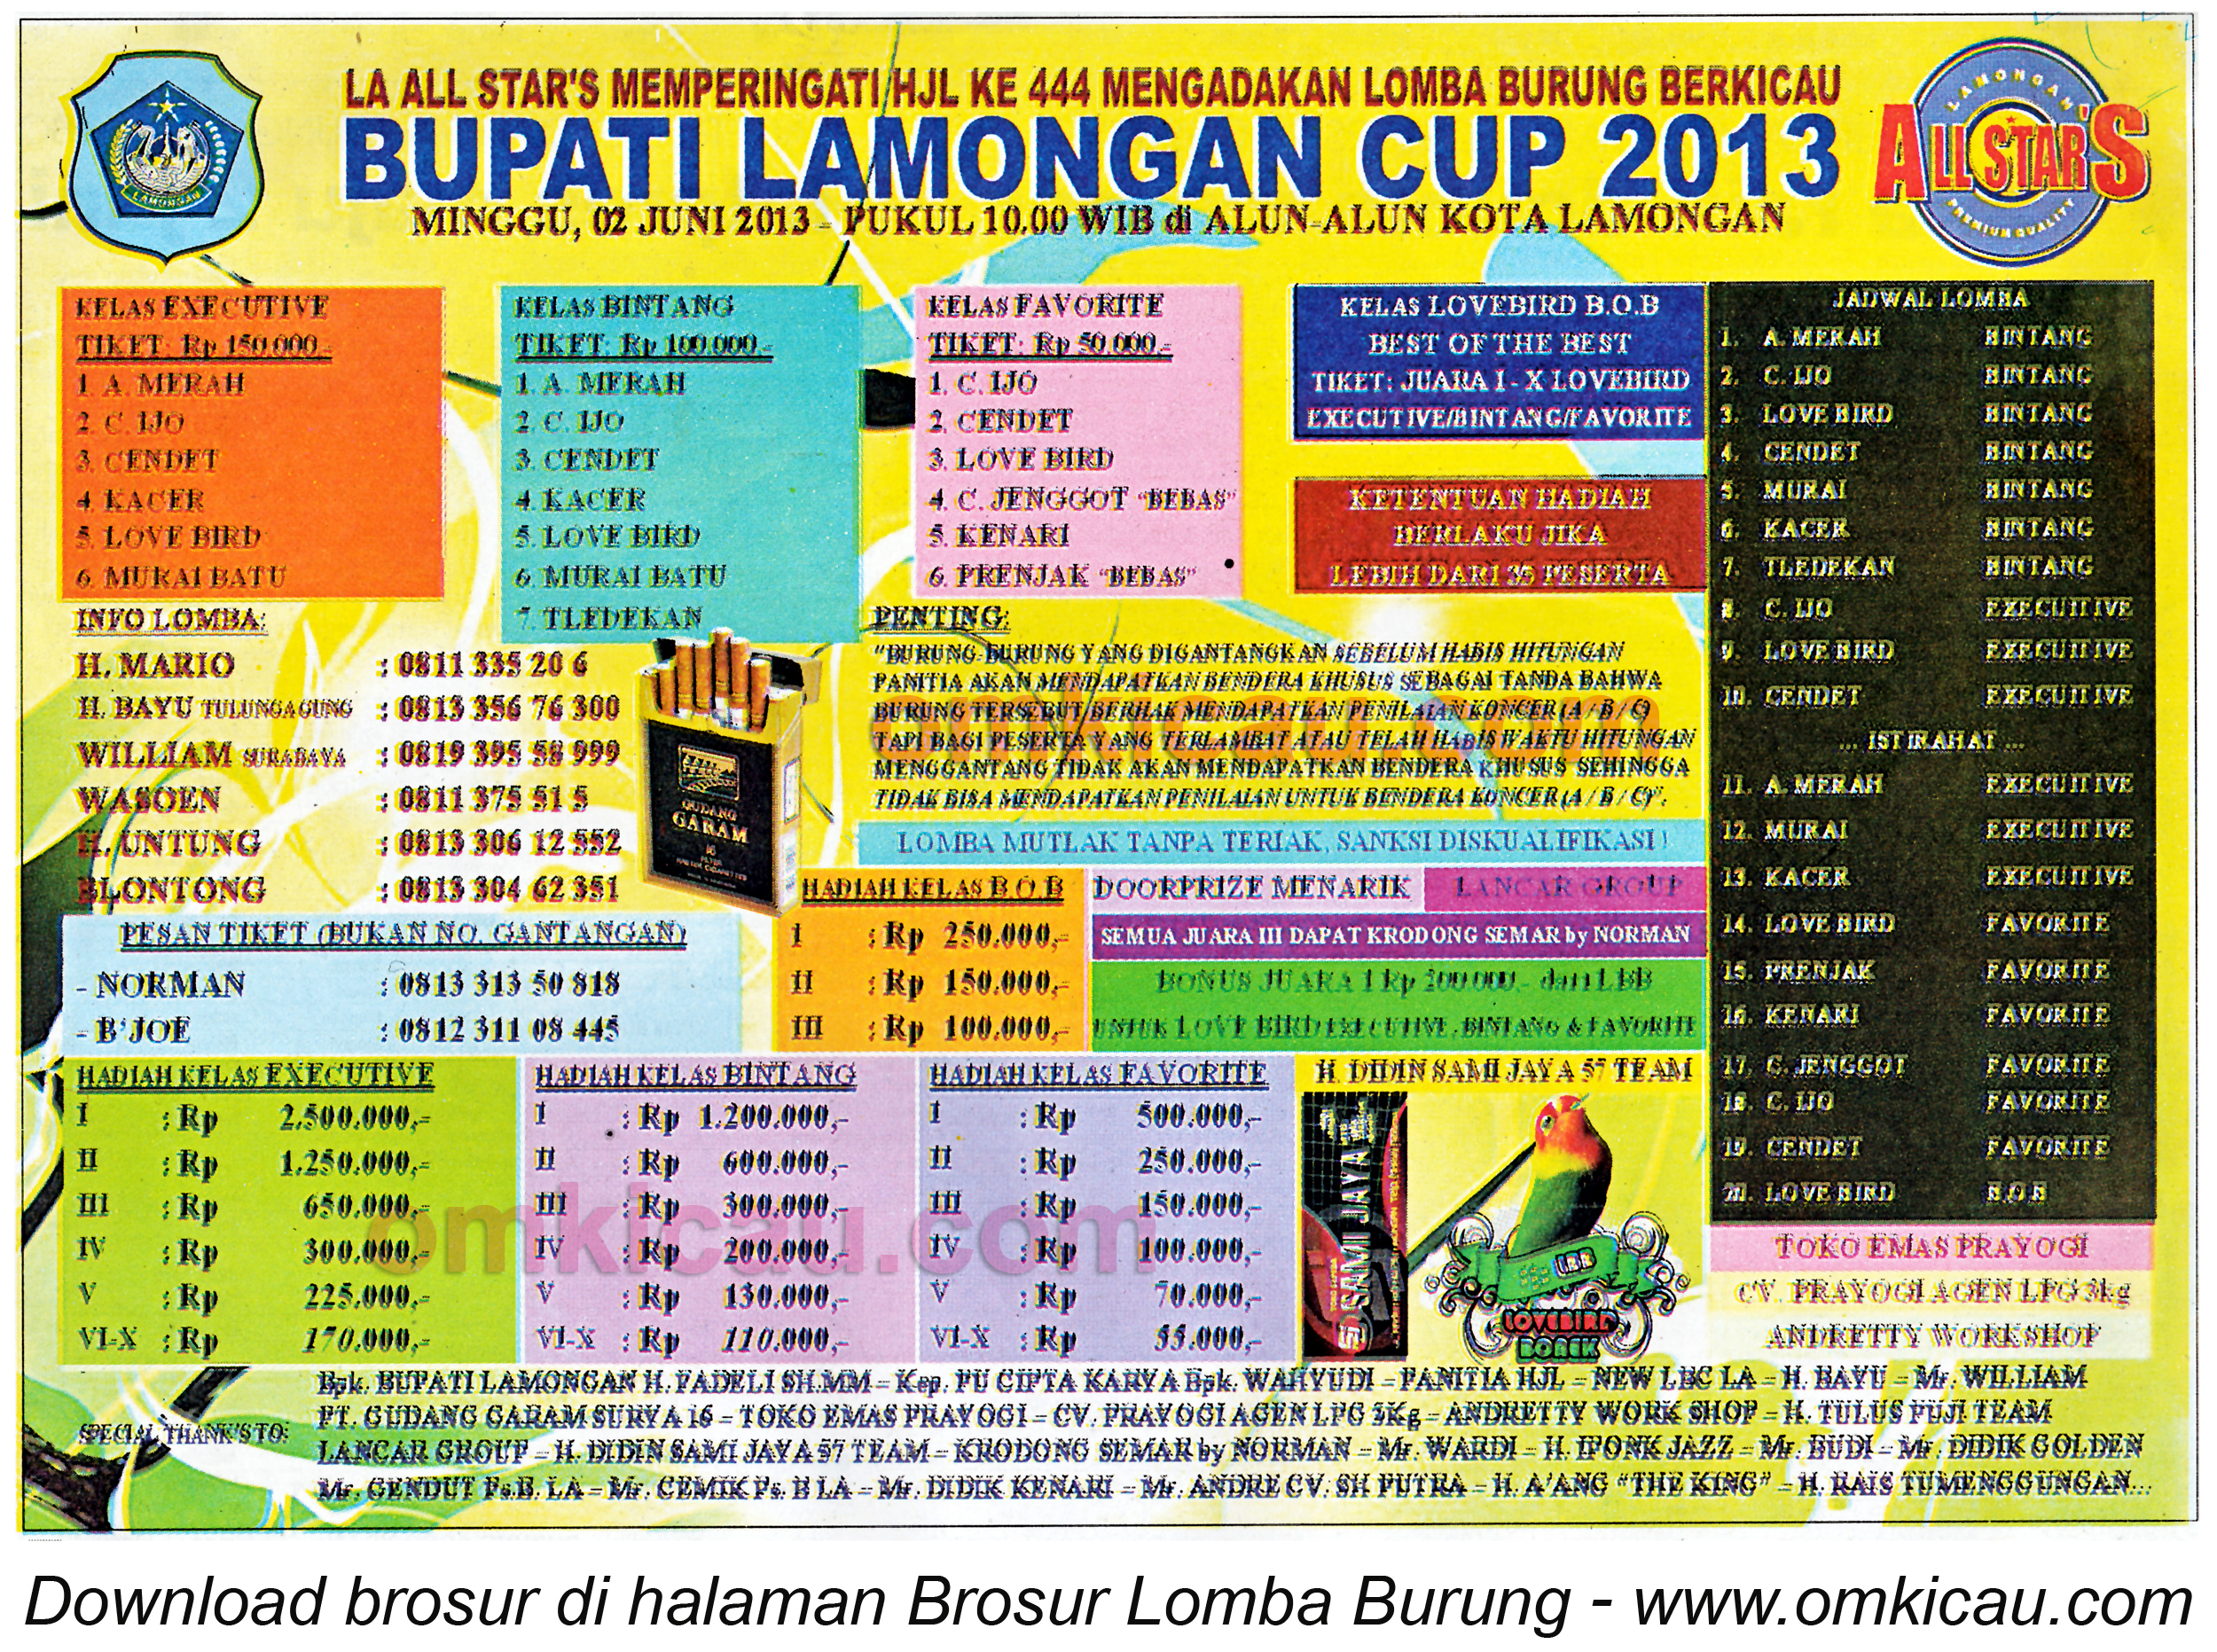 Brosur Lomba Burung Bupati Lamongan Cup 2 Juni 2013